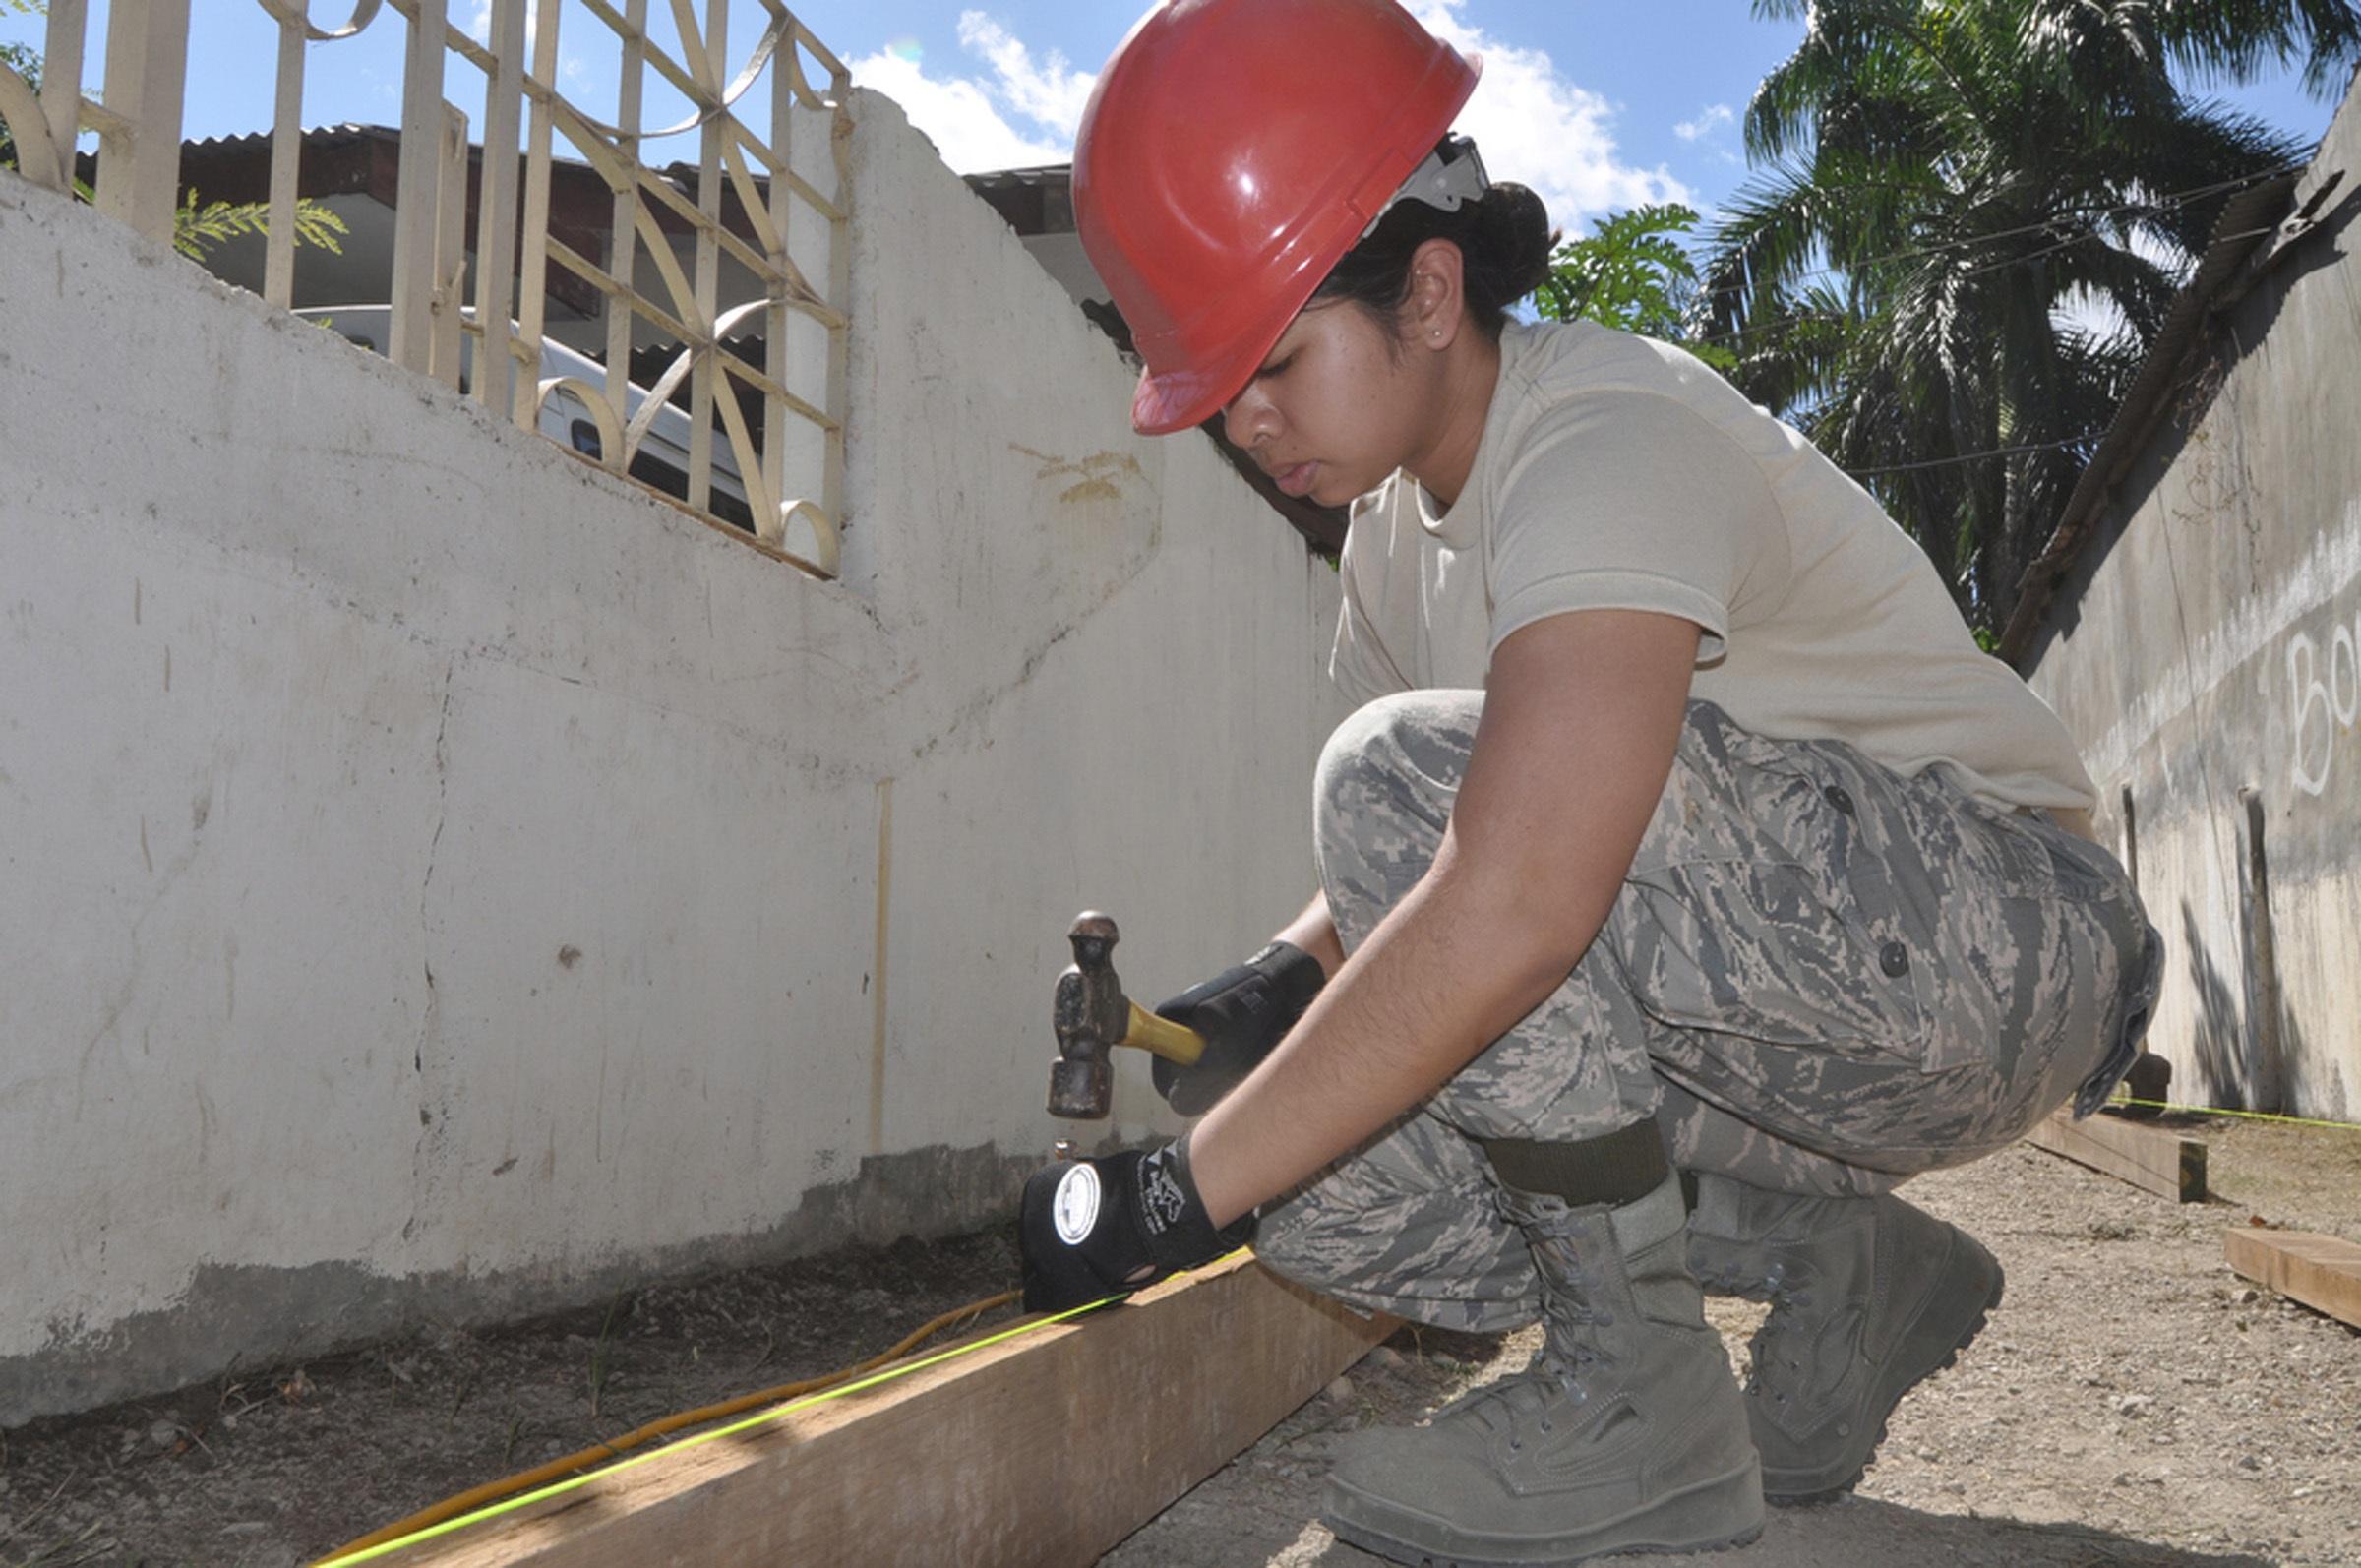 images gratuites   femme  b u00e2timent  asphalte  construction  marteau  casque  construire  site